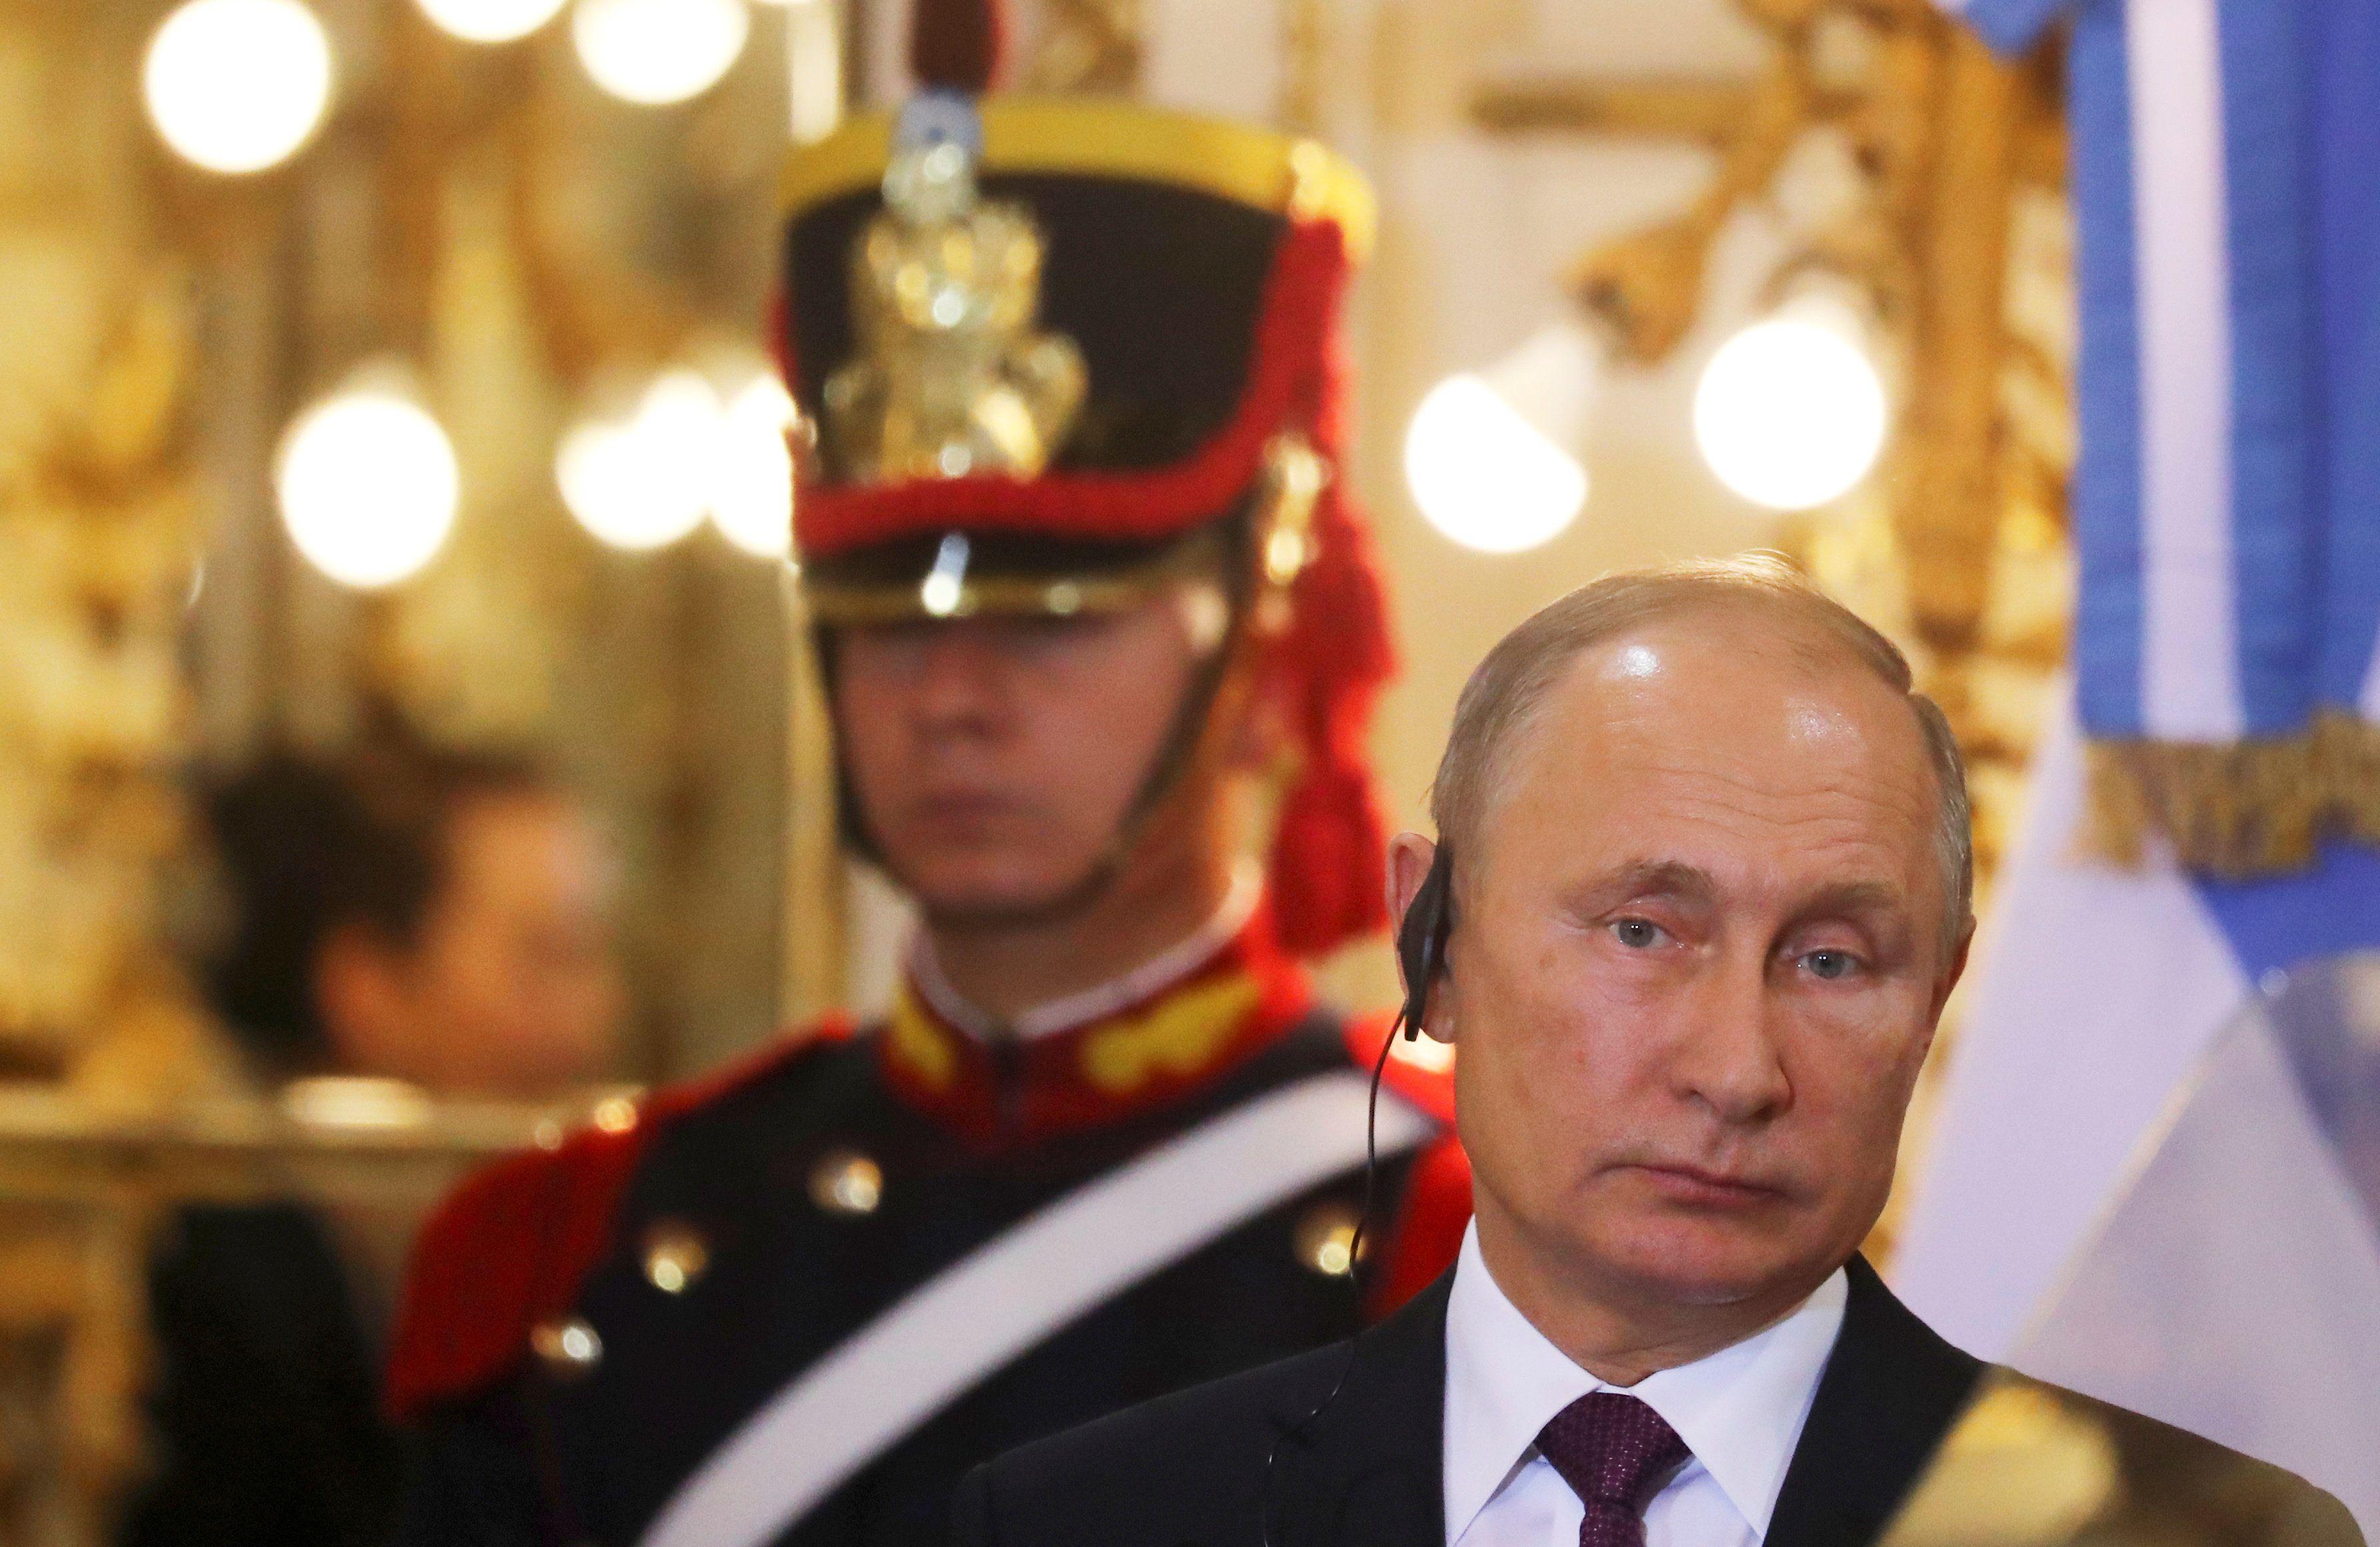 Πούτιν: Όσο παραμένουν στην εξουσία αυτές οι αρχές, ο πόλεμος στην Αν.Ουκρανία θα